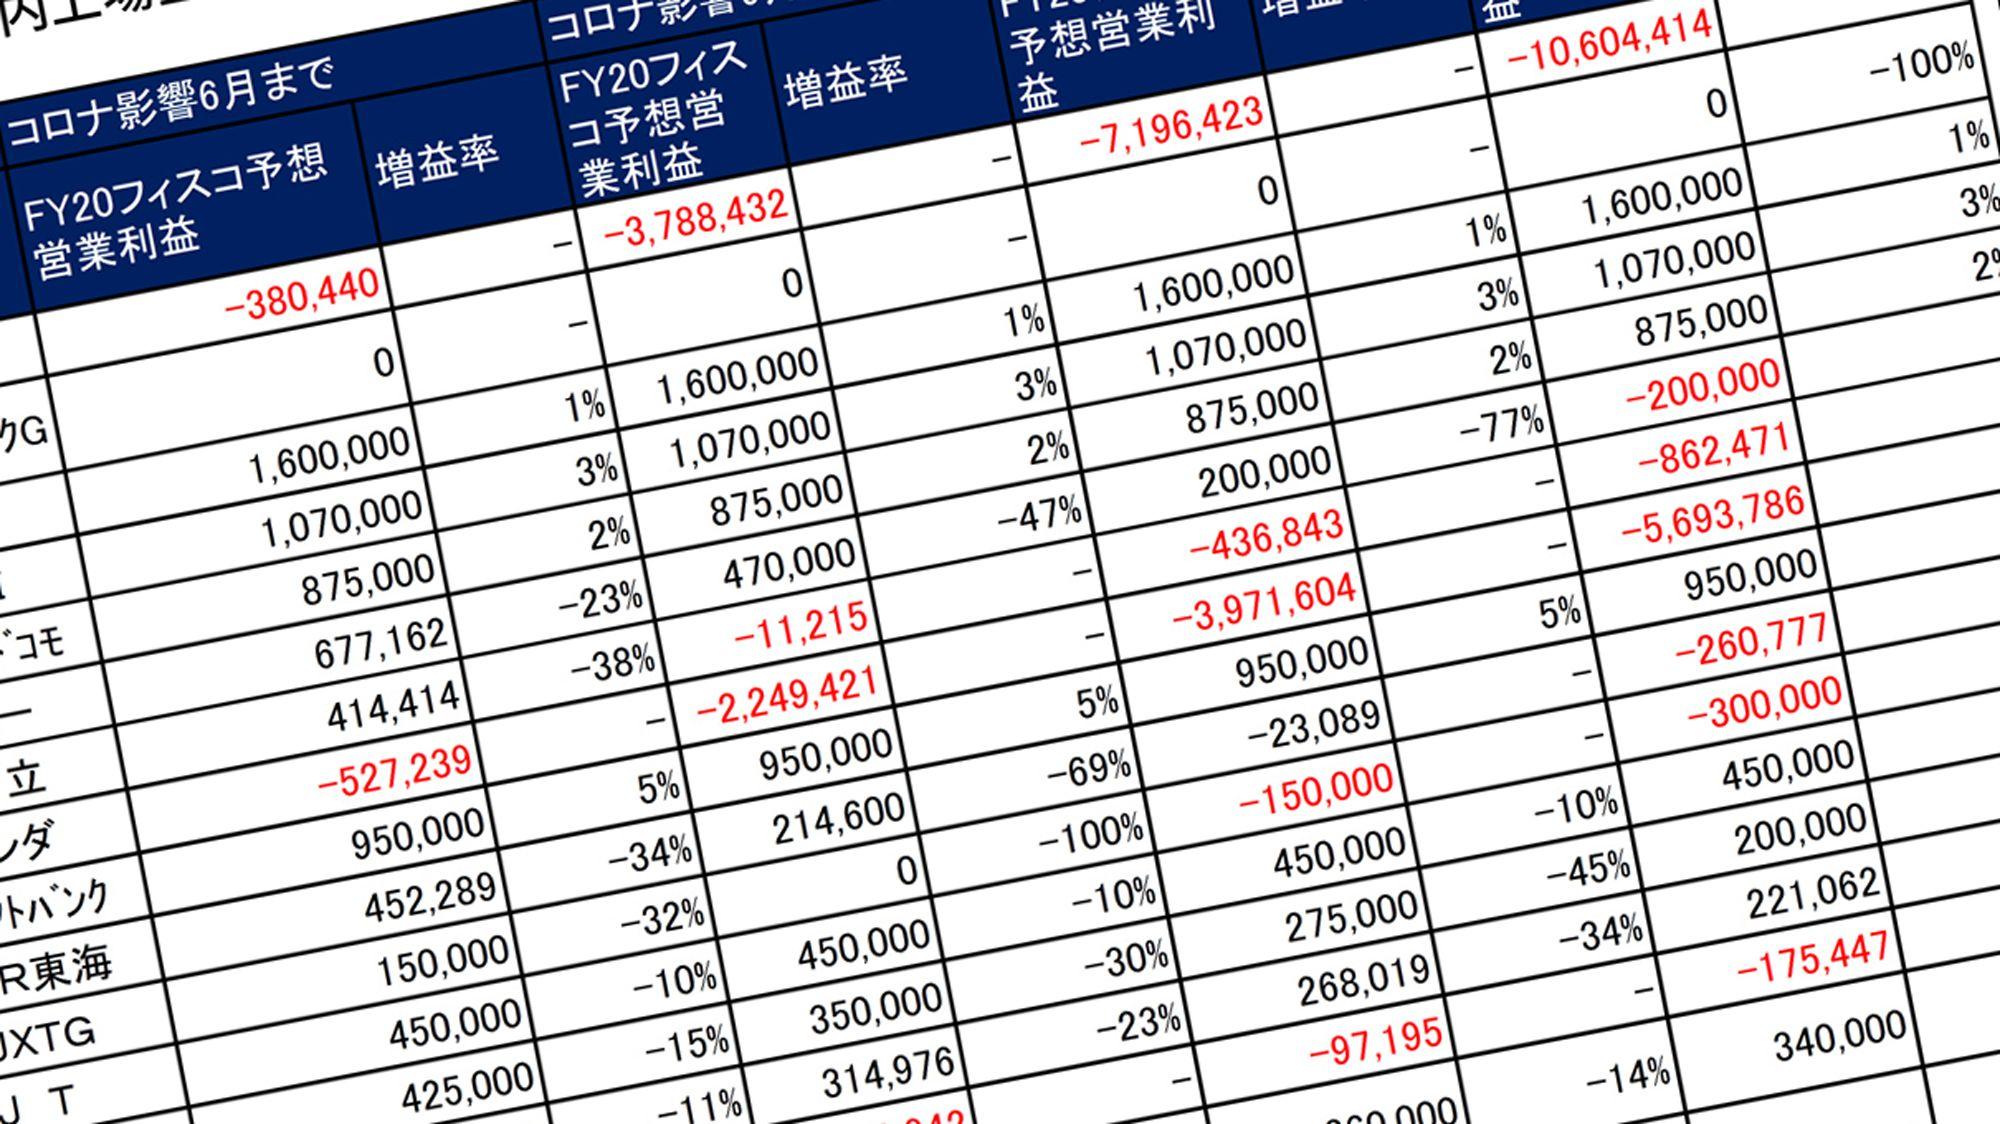 株価 jr 東日本